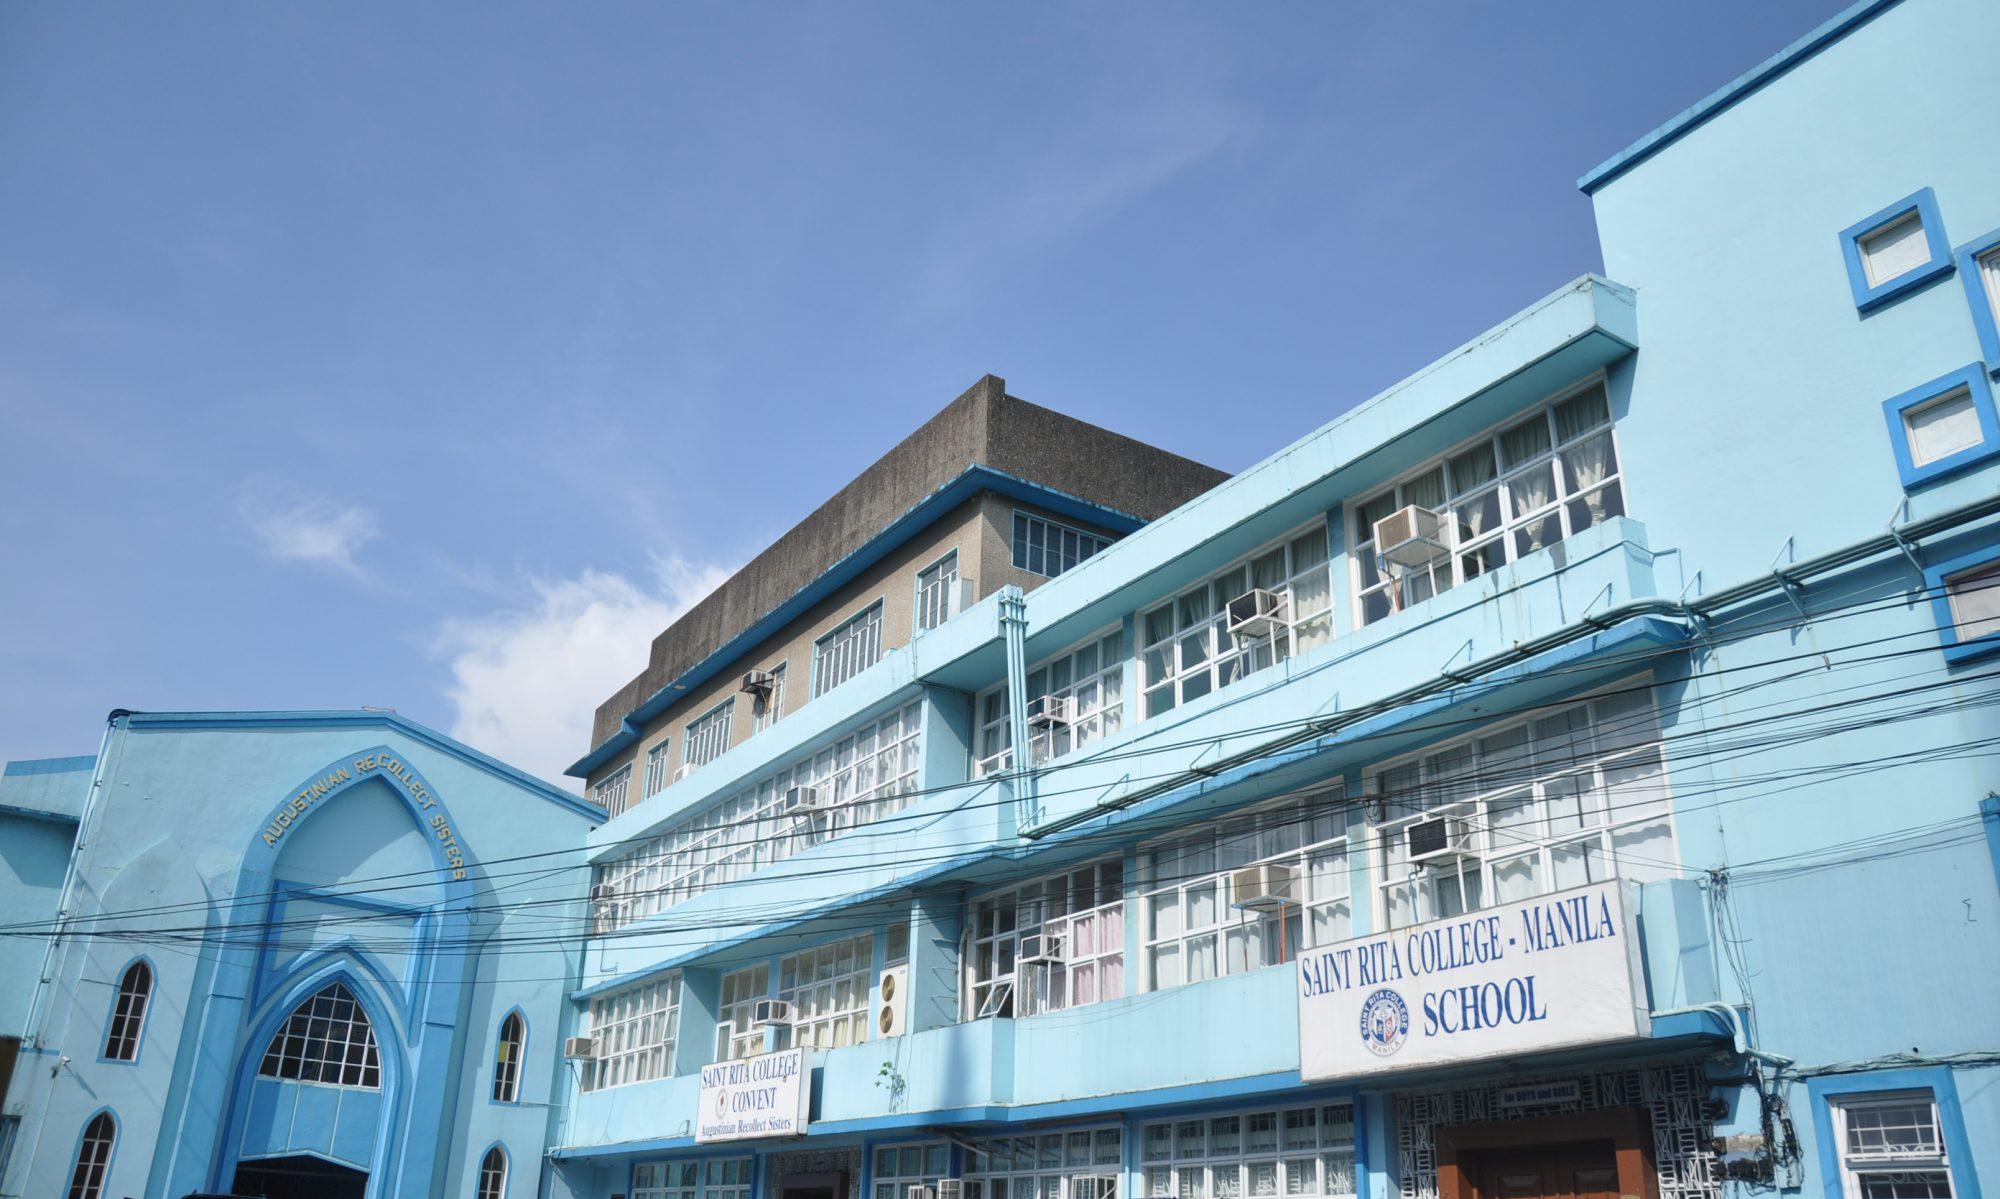 Saint Rita College-Manila, Inc.